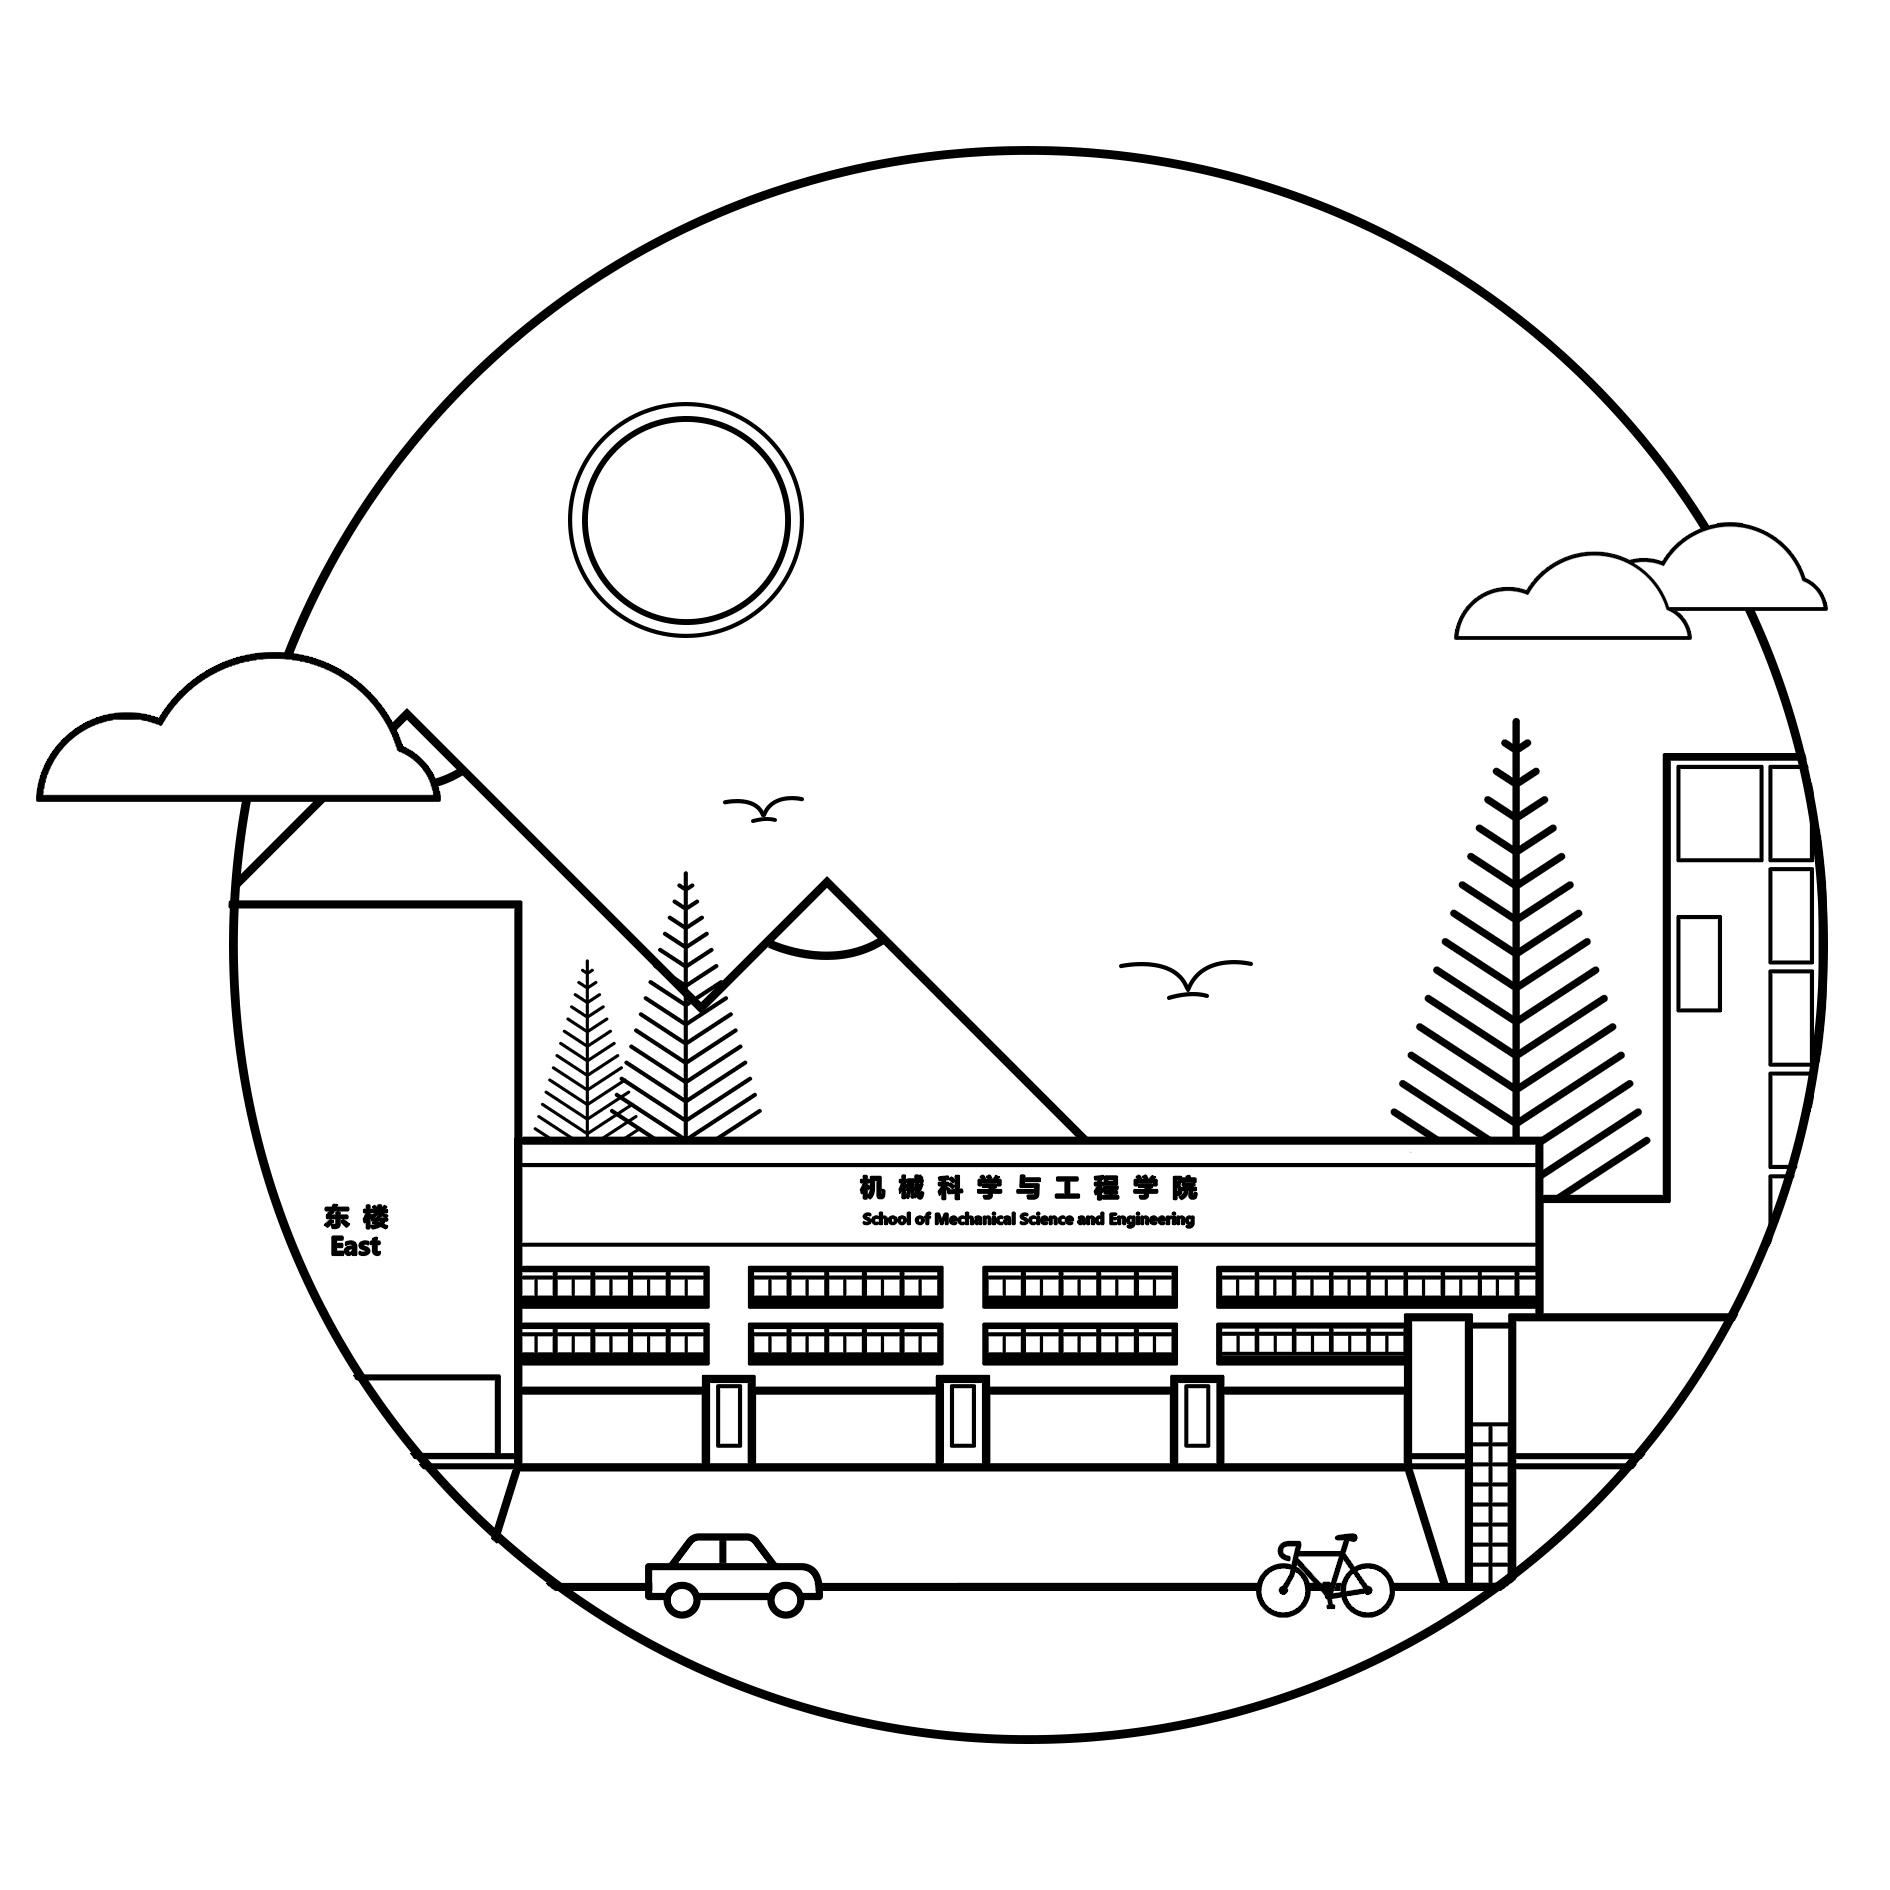 华中科技大学机械大楼|ui|其他ui |吴梓意 - 原创作品